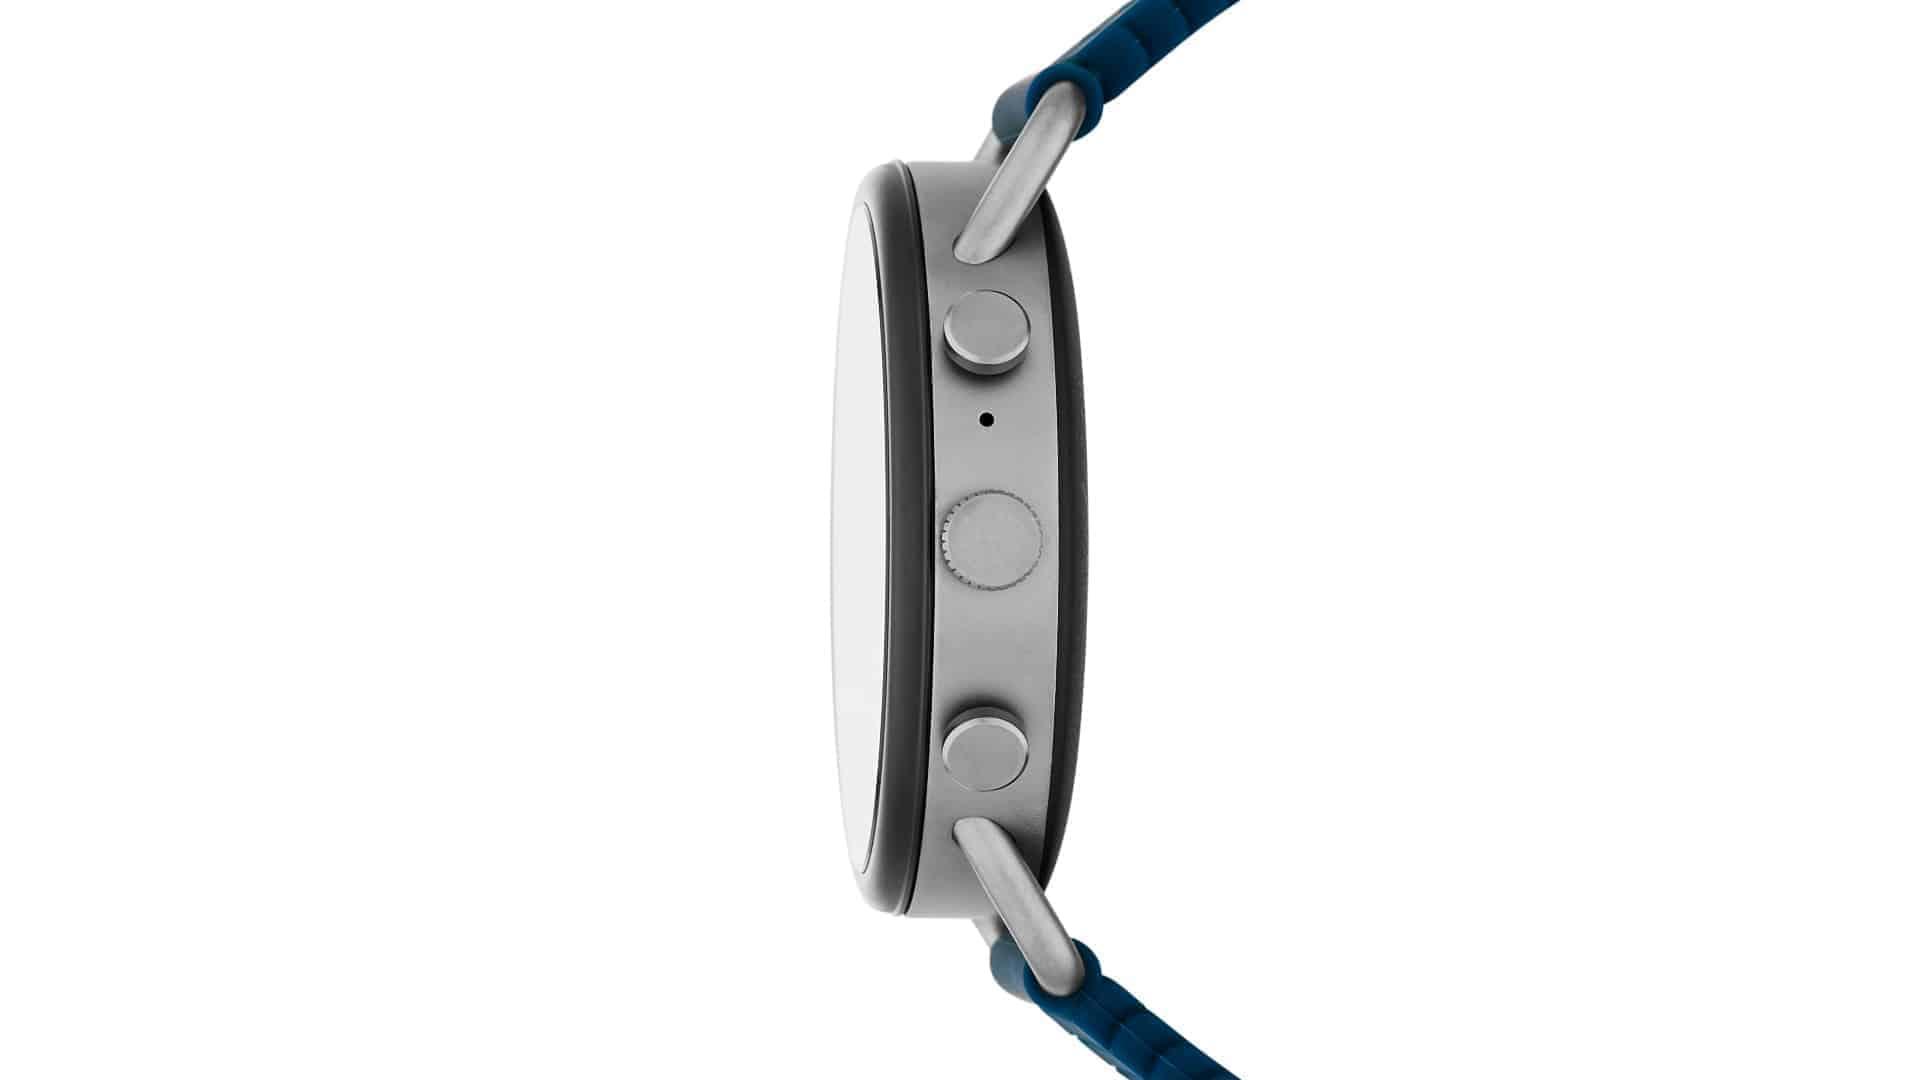 SKAGEN Falster 3 Wear OS Watch 1 1